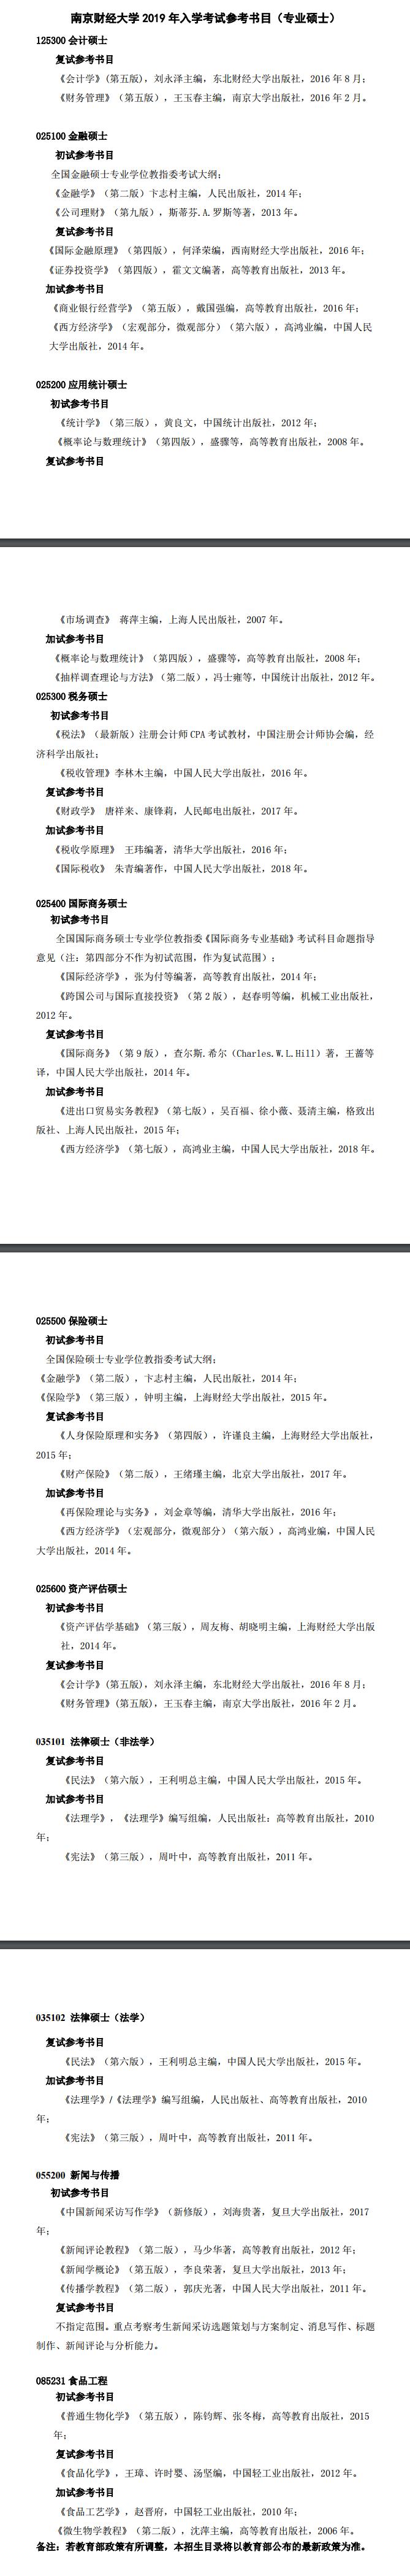 南京财经大学2019考研参考书目